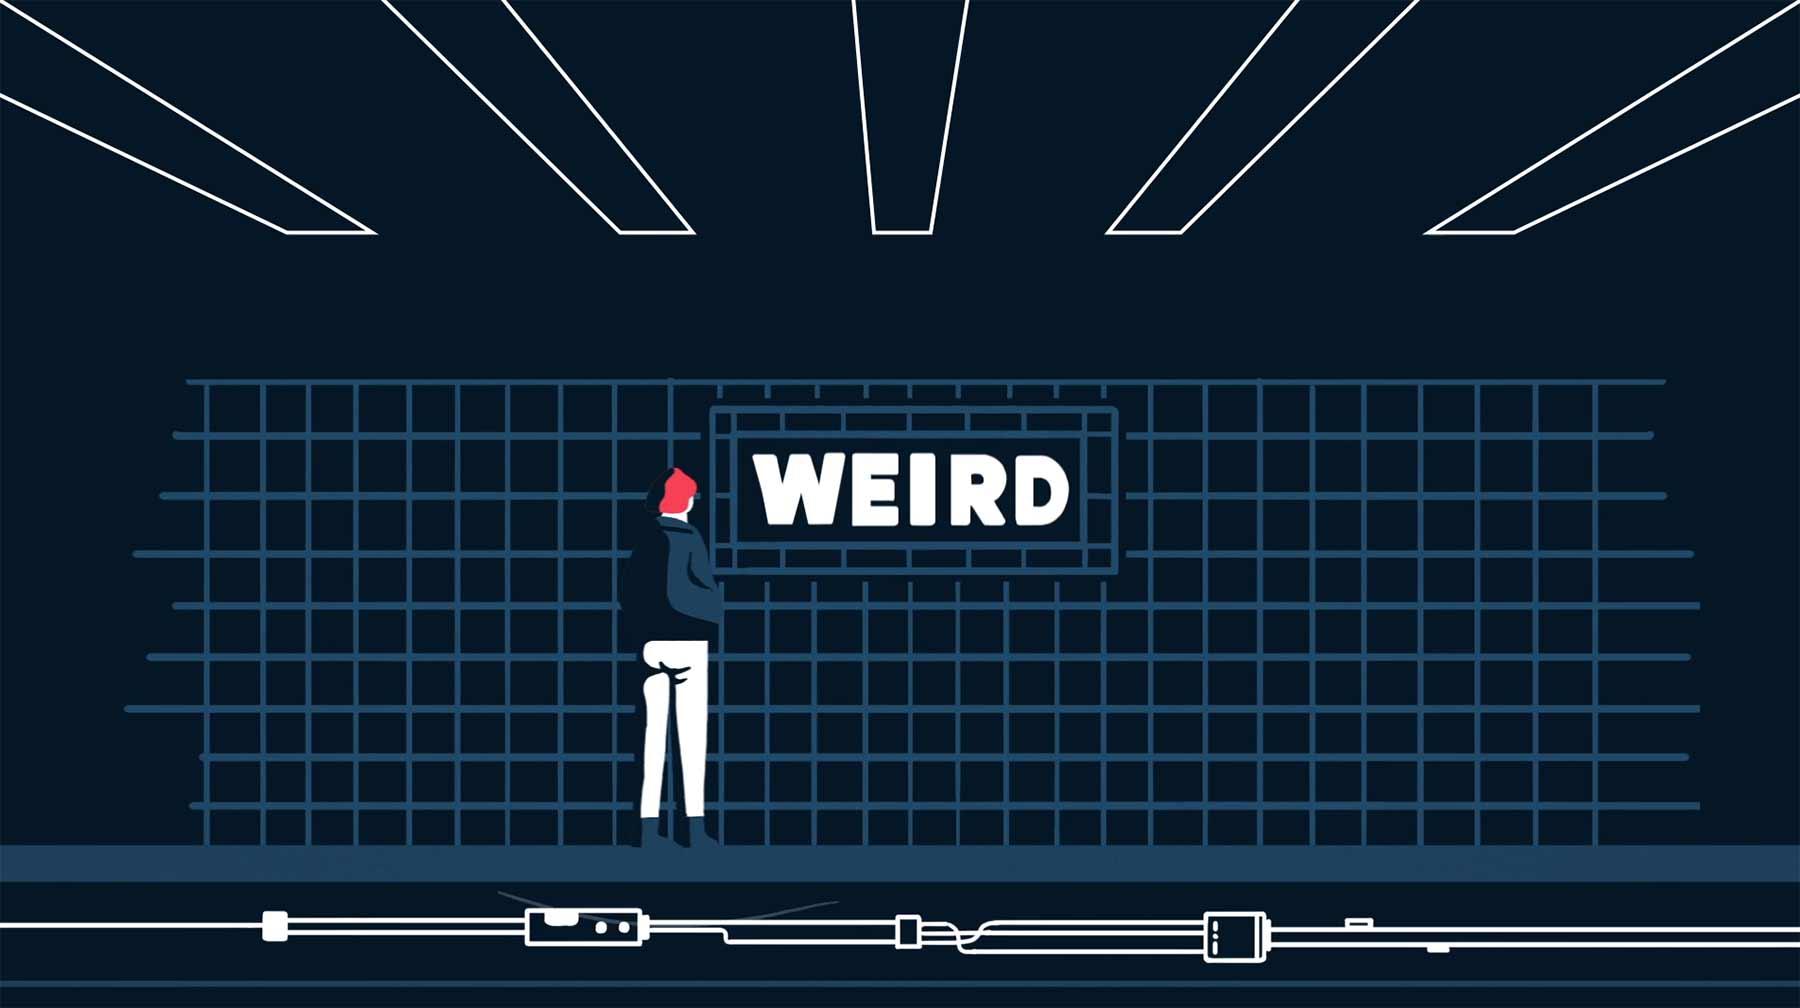 Weird weird